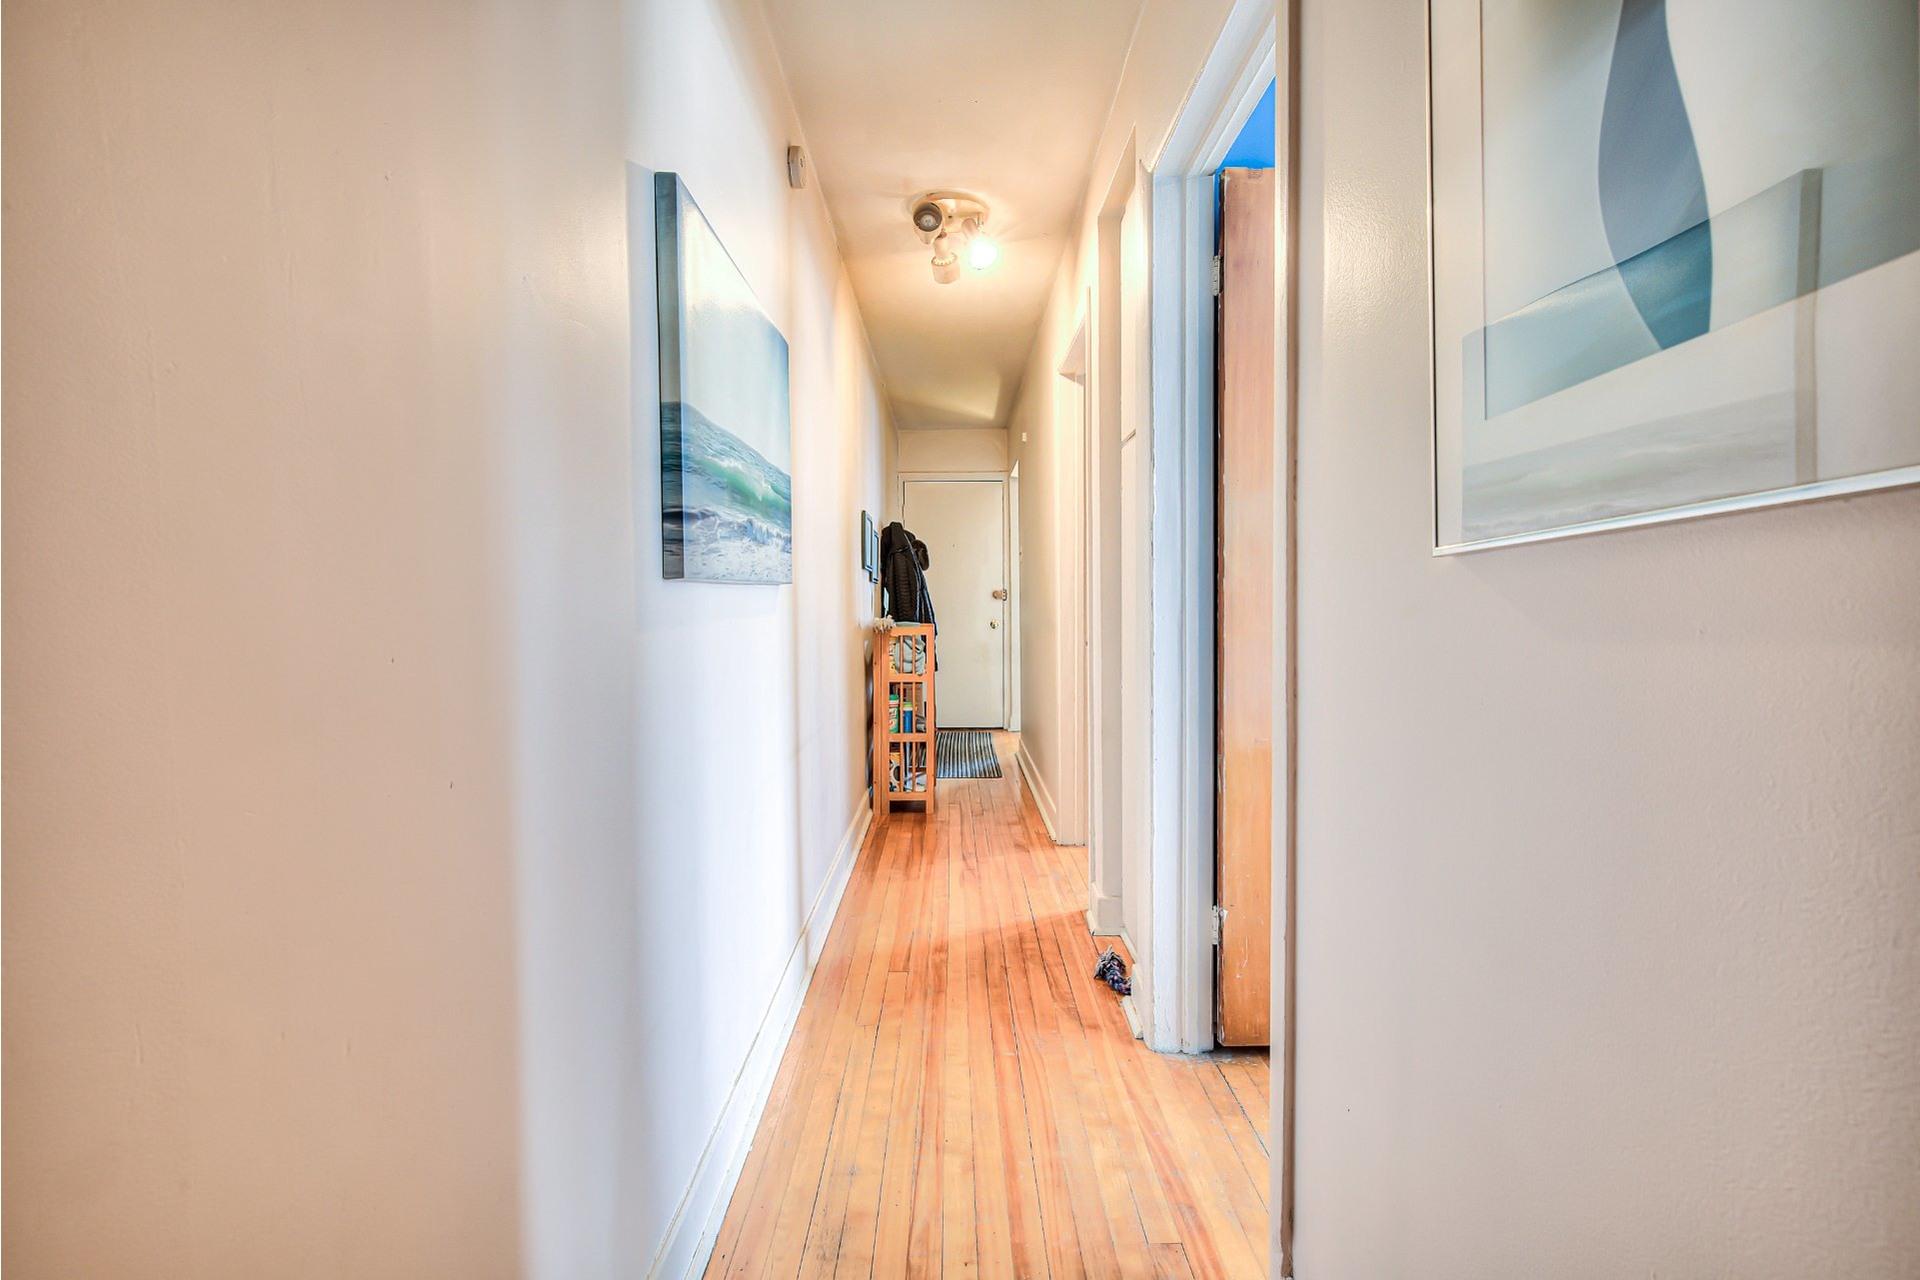 image 31 - Income property For sale Villeray/Saint-Michel/Parc-Extension Montréal  - 4 rooms